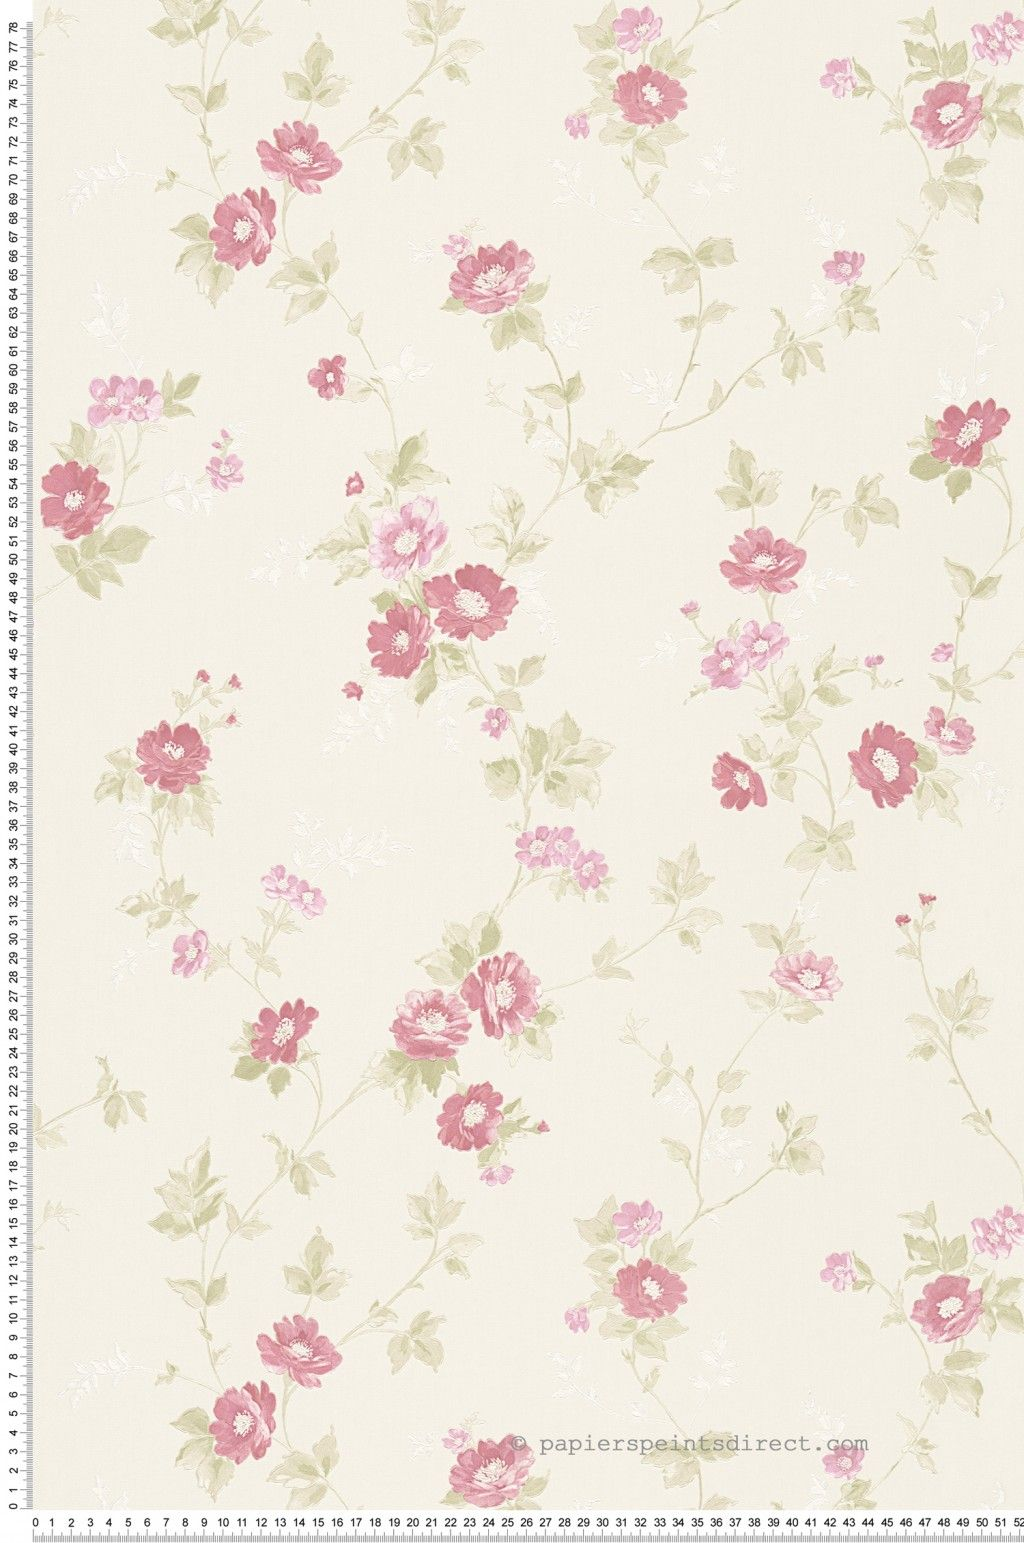 papier peint petites fleurs roses romantica 3 as cr ation r f sp03553 fleurs roses. Black Bedroom Furniture Sets. Home Design Ideas